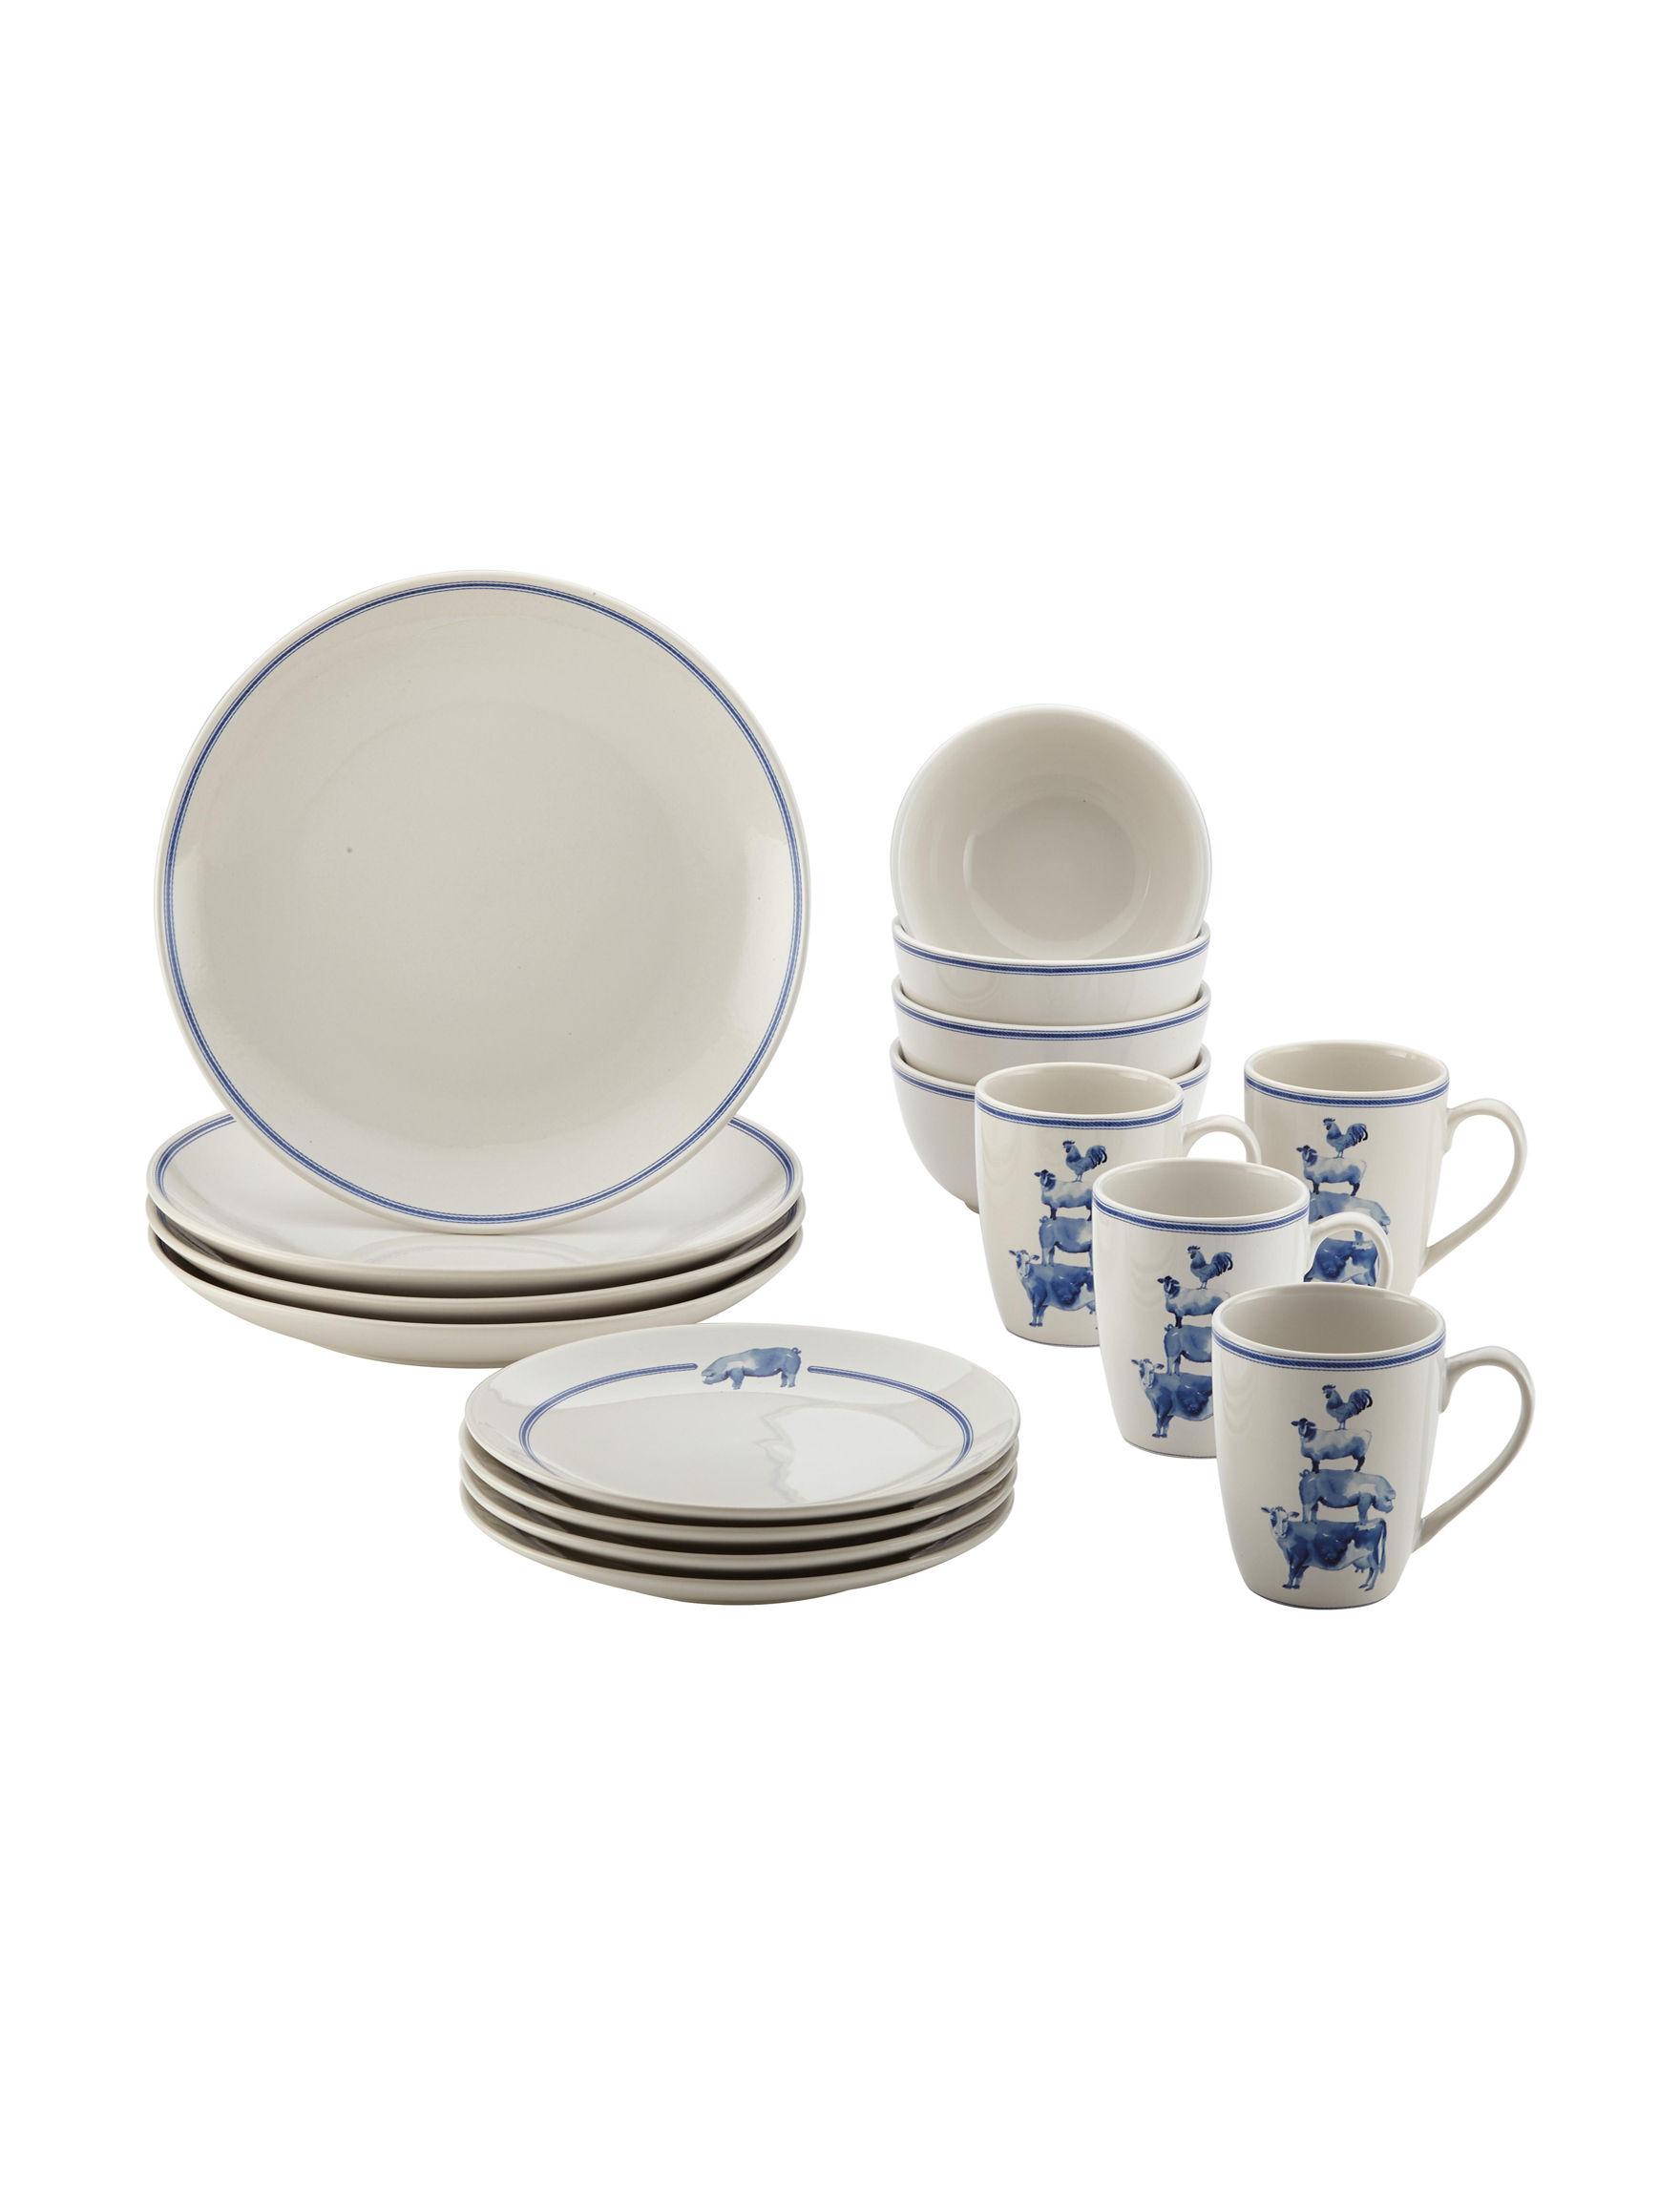 Paula Deen White Dinnerware Sets Dinnerware